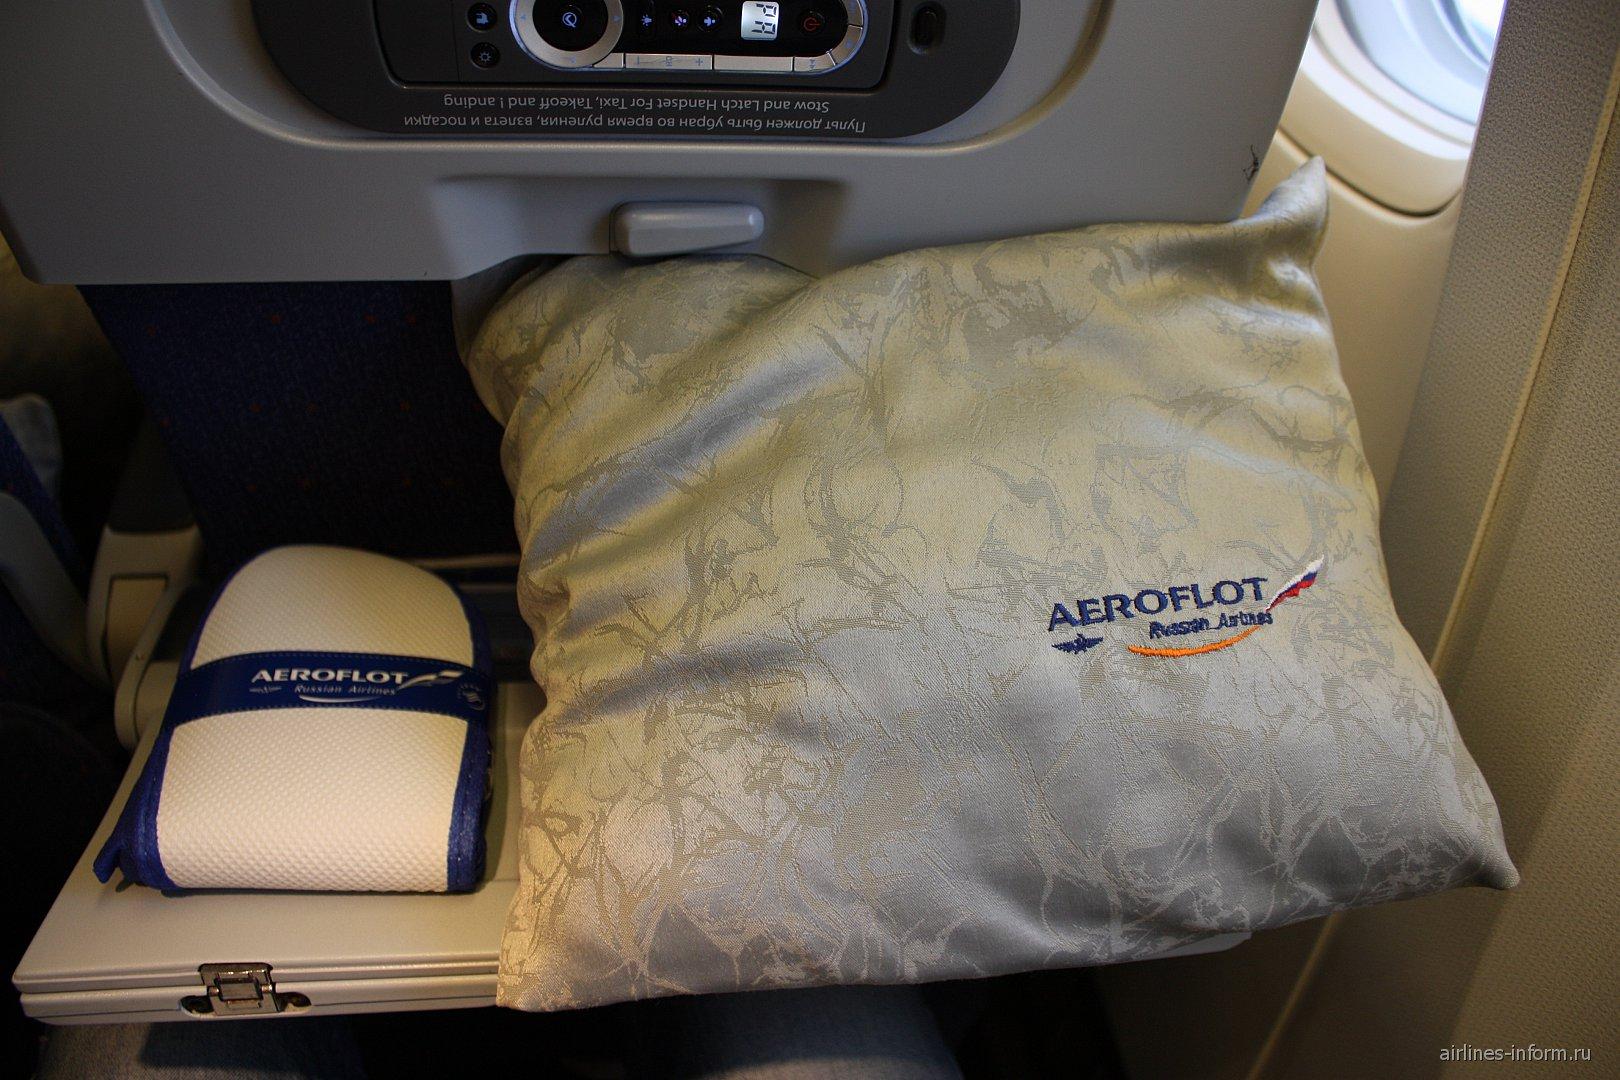 Набор пассажира экономического класса на дальнемагистральных рейсах Аэрофлота